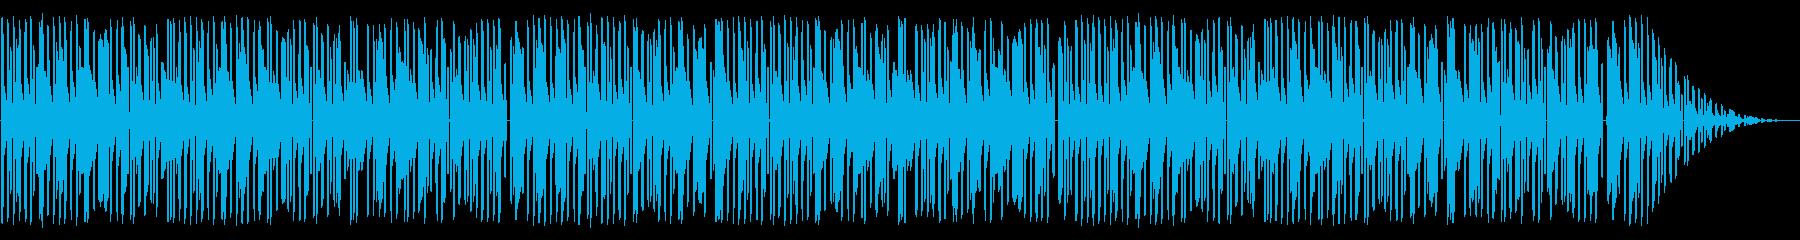 NES スポーツ A02-1(ステージ)の再生済みの波形